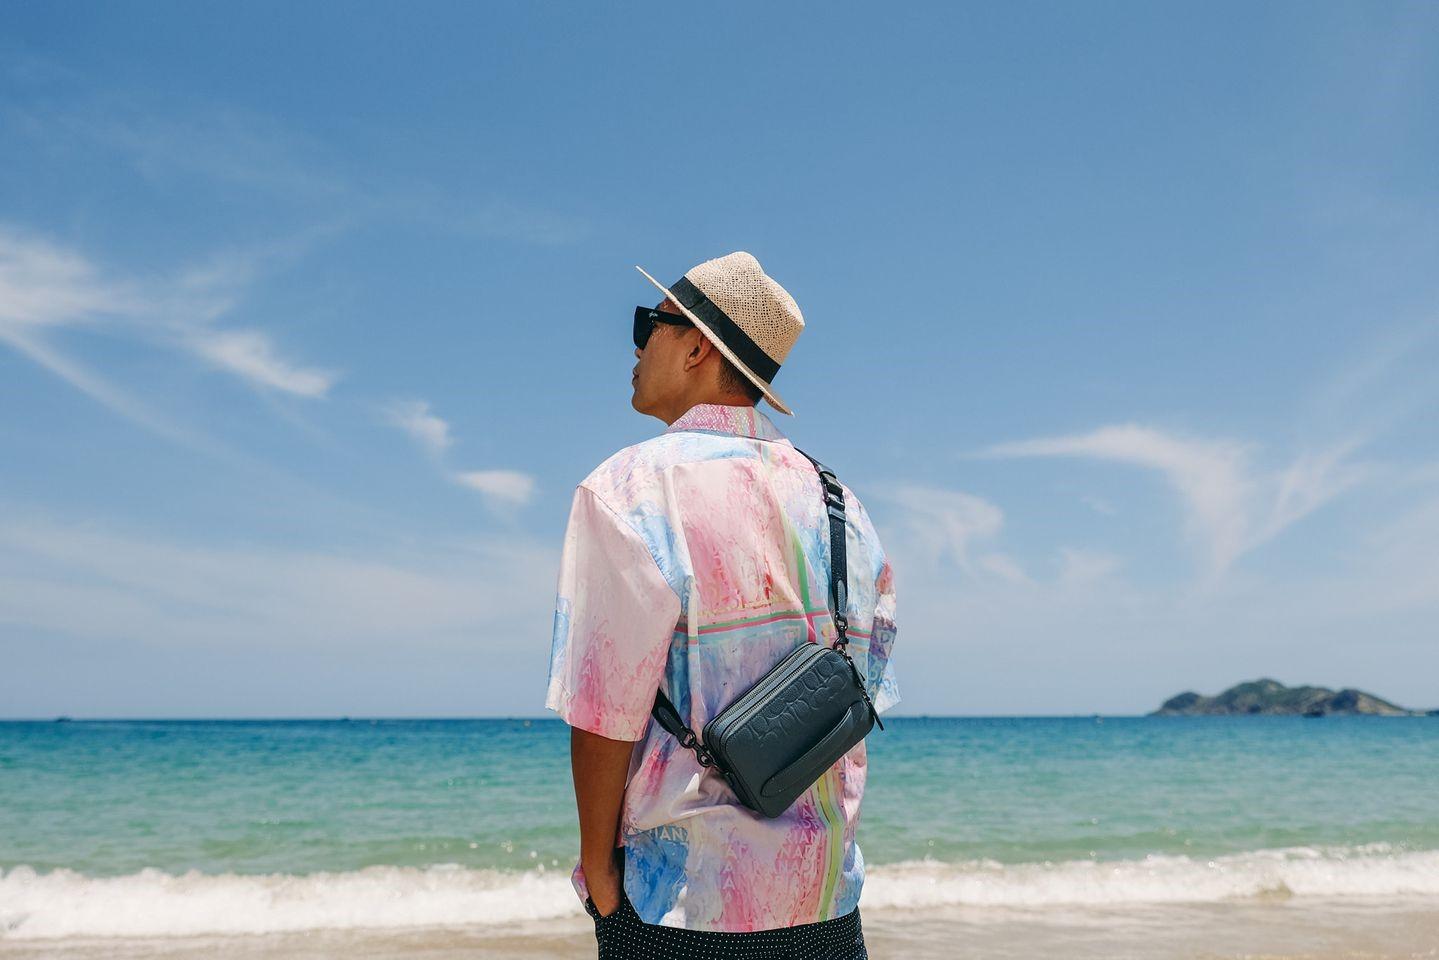 Biển là một trong những cảm hứng sáng tạo của Adrian Anh Tuấn. Ảnh: Facebook Adrian Anh Tuấn.